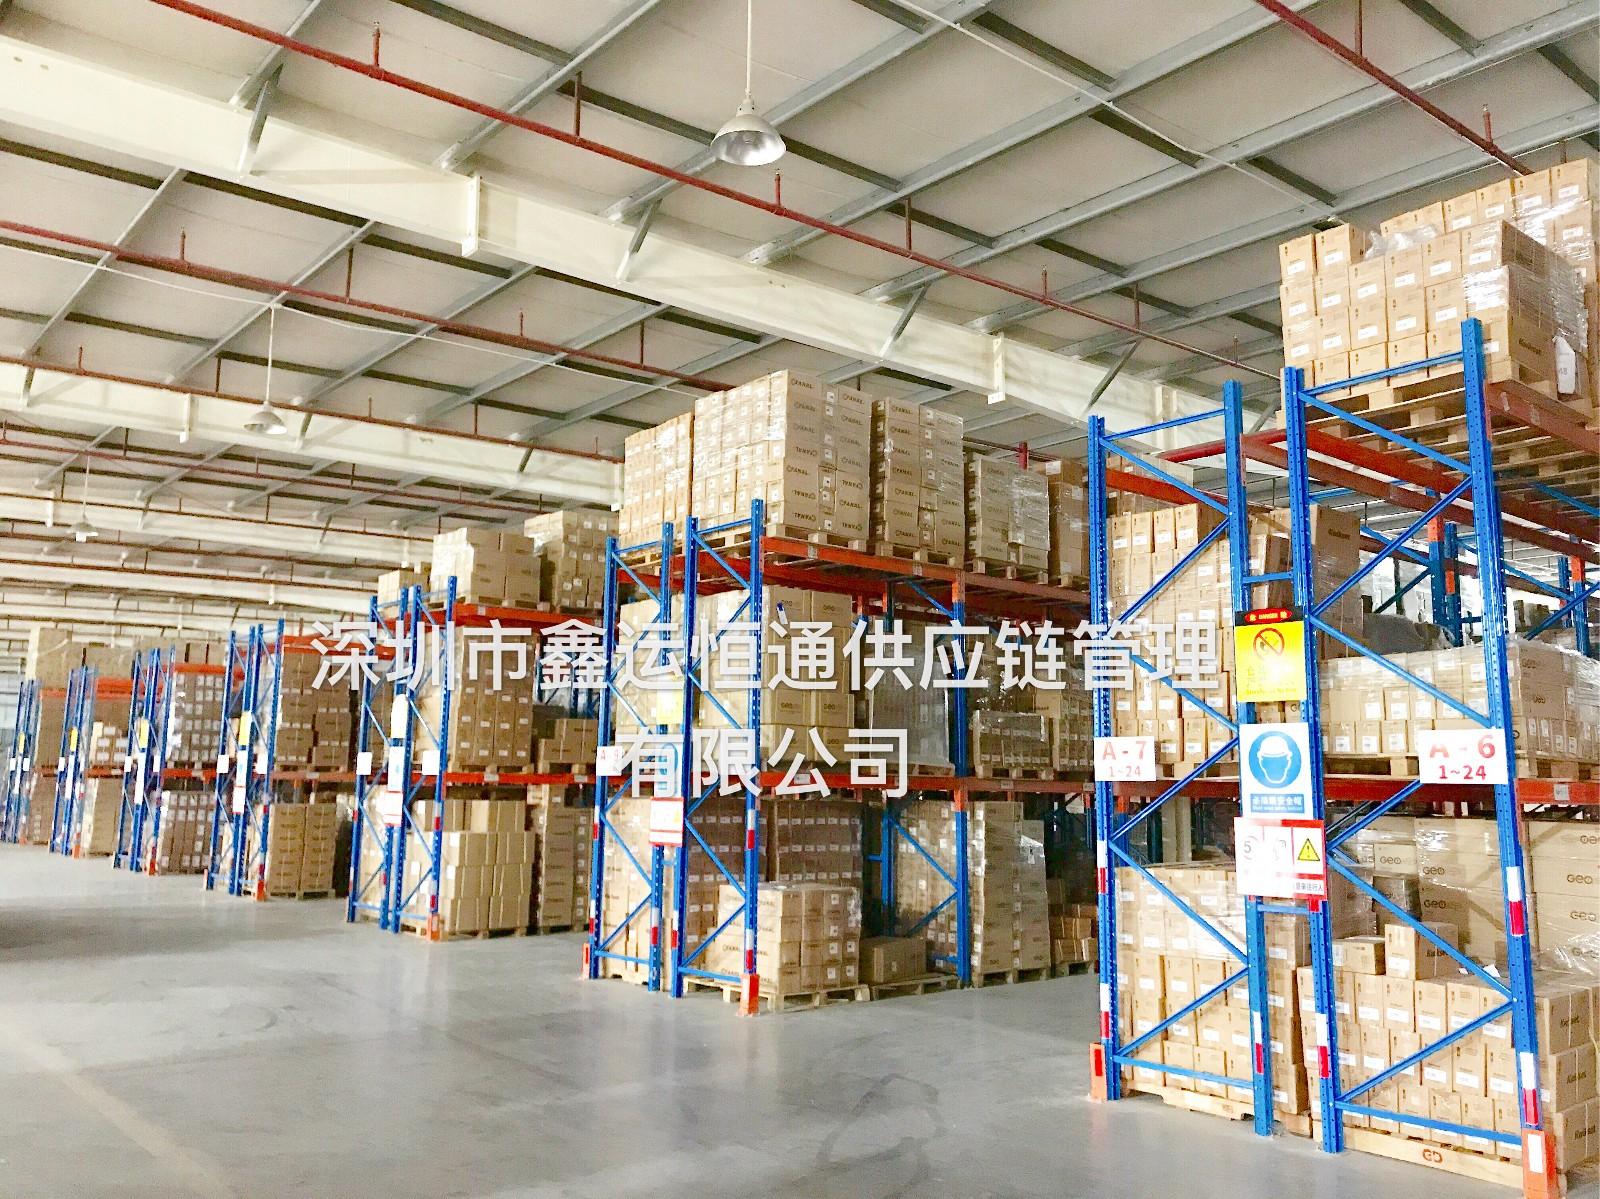 深圳哪个保税区做仓储配送有优势?